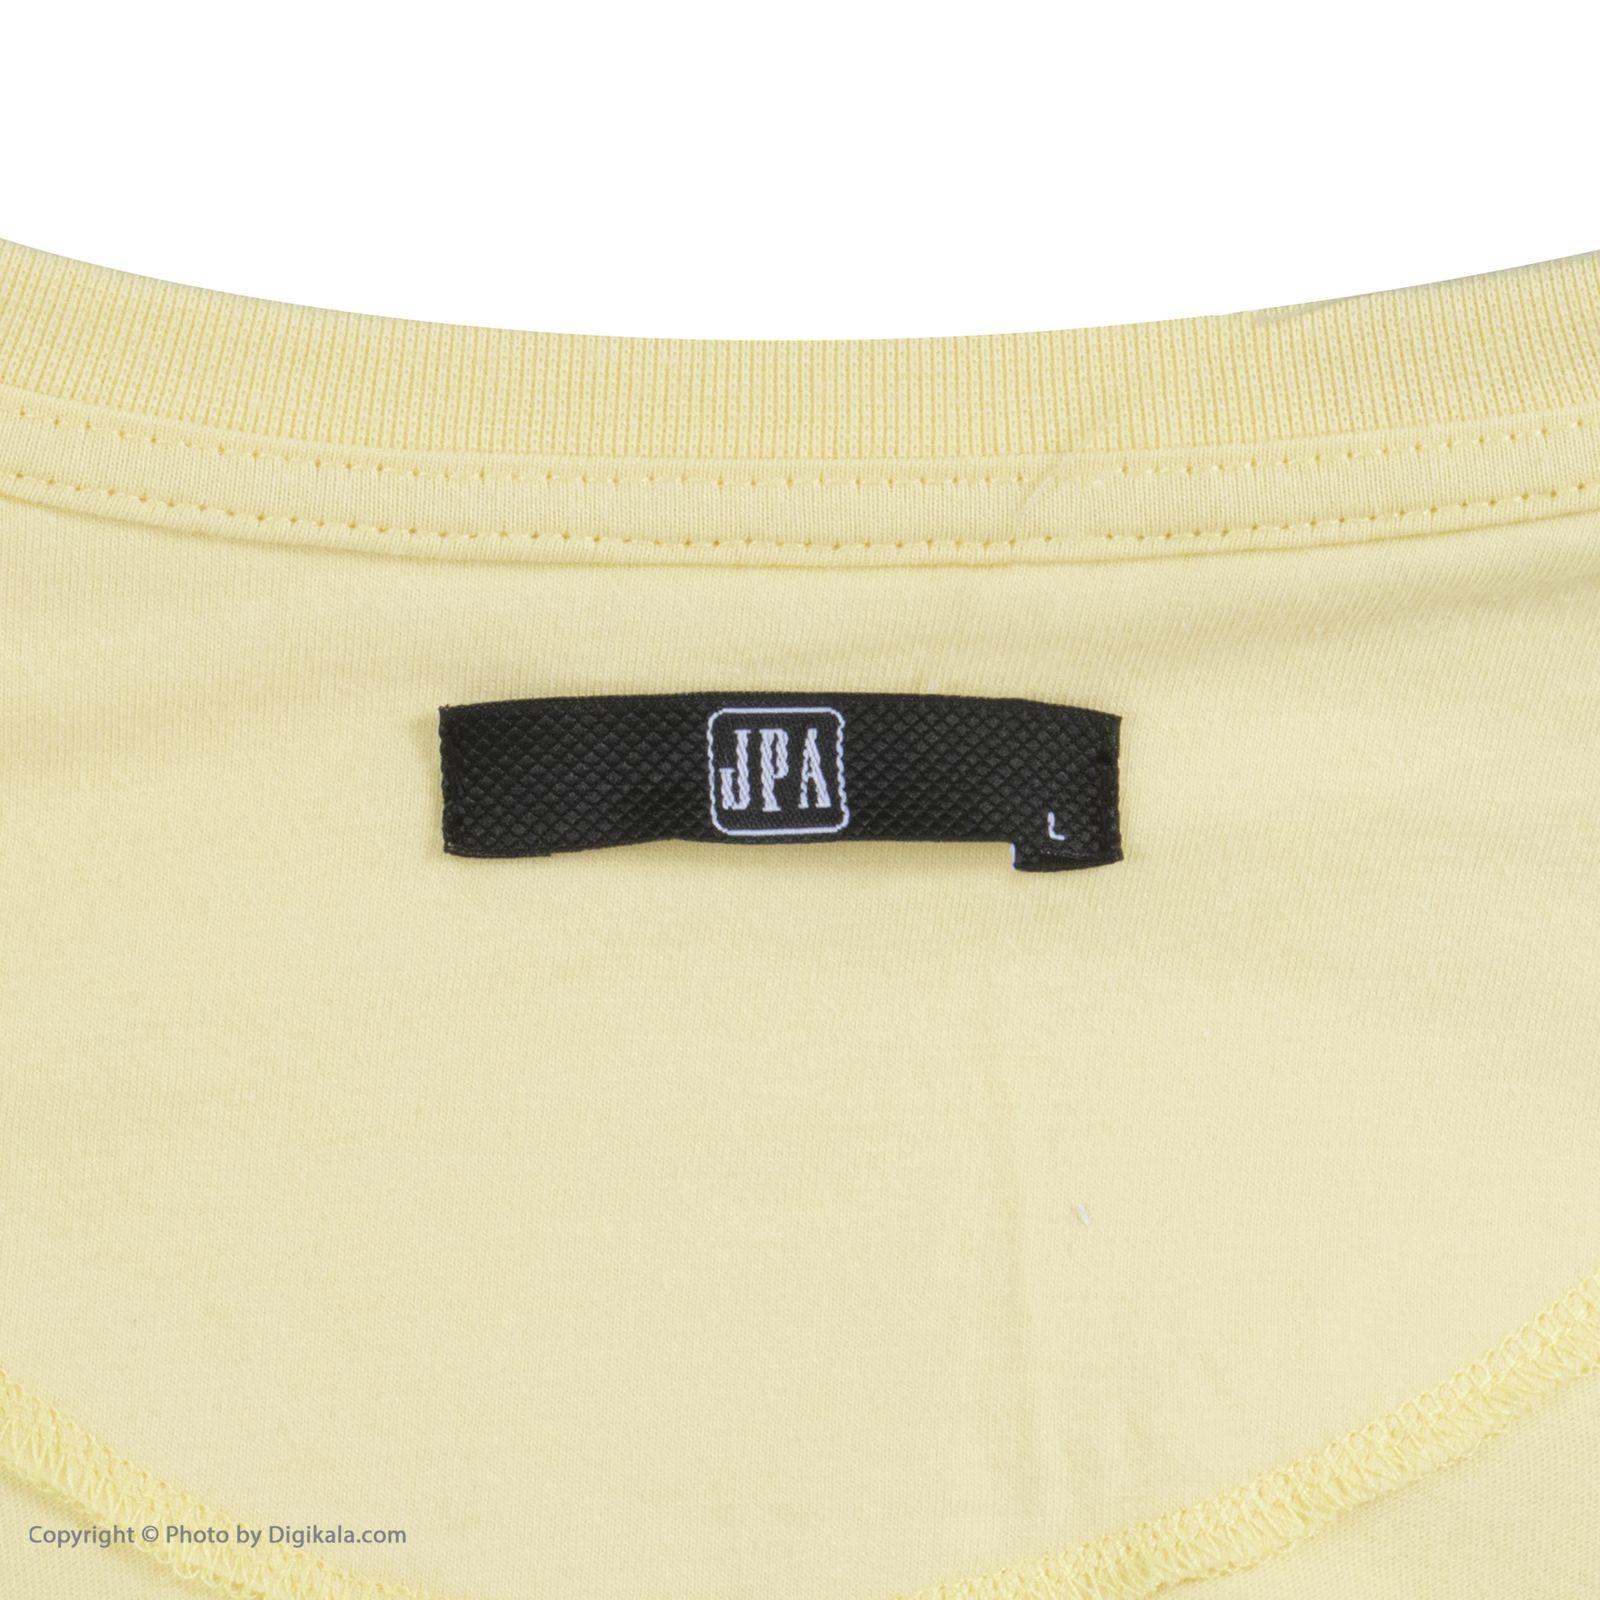 تی شرت مردانه جامه پوش آرا مدل 4011018304-16 main 1 6